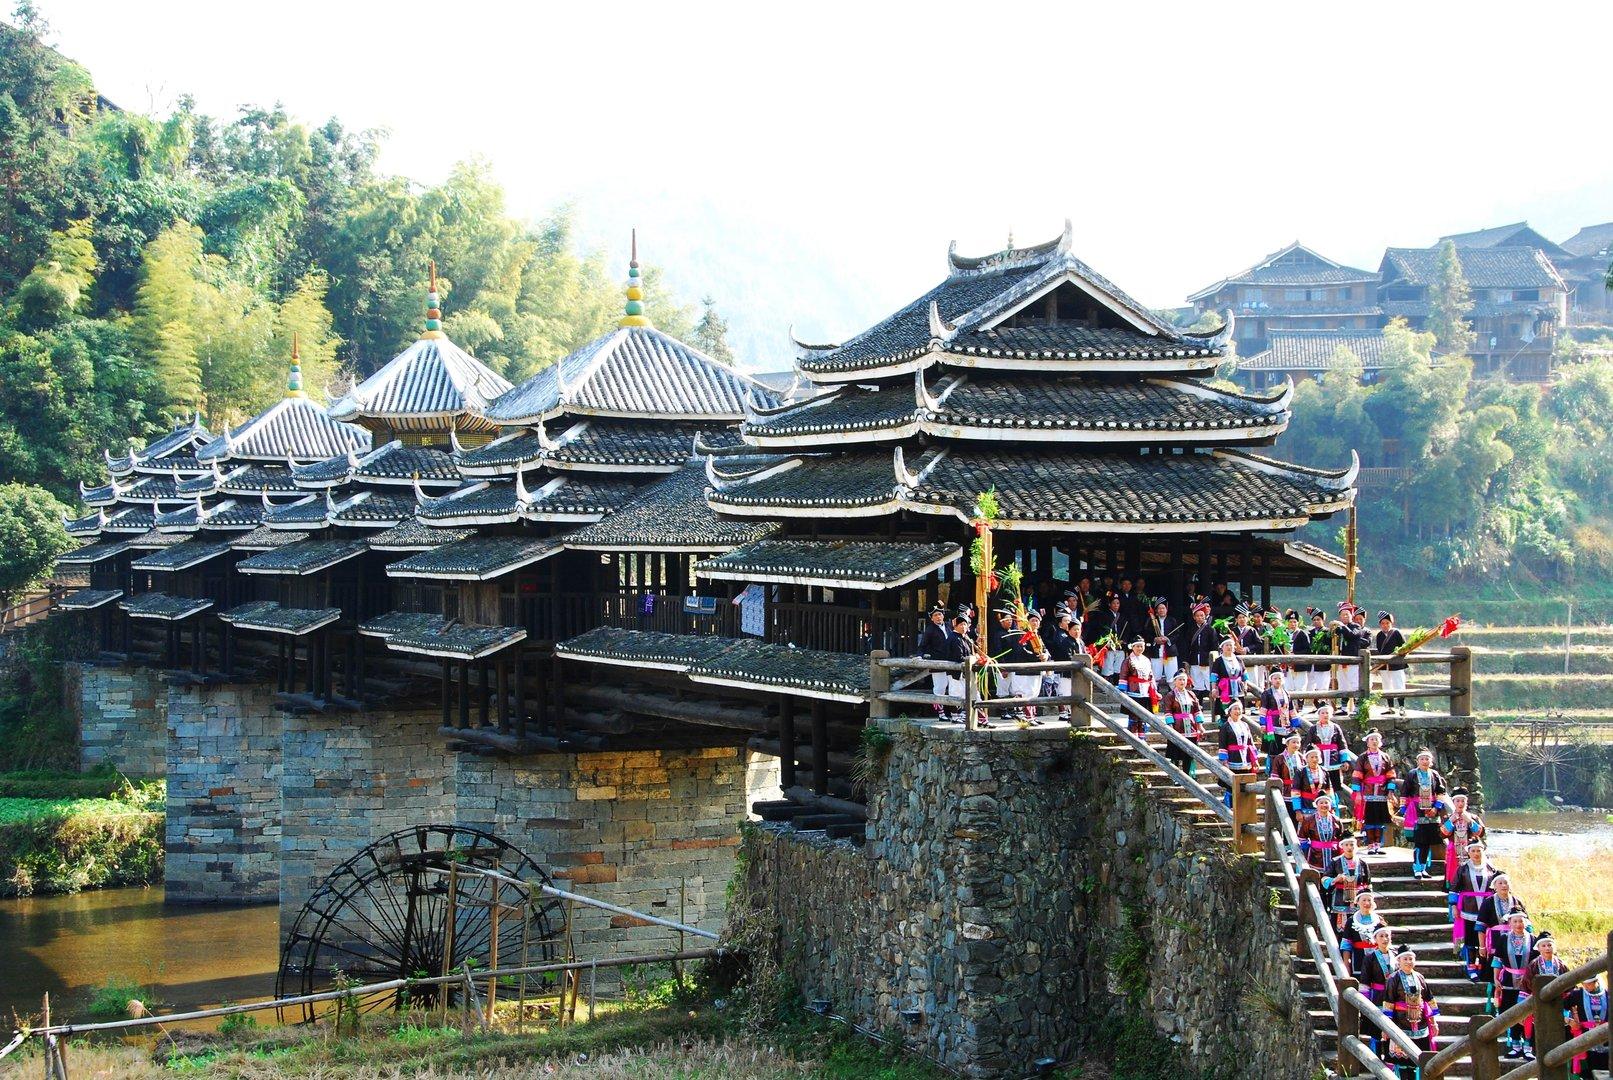 穿斗木结构建筑是中国南方传统建筑中常用的结构形式